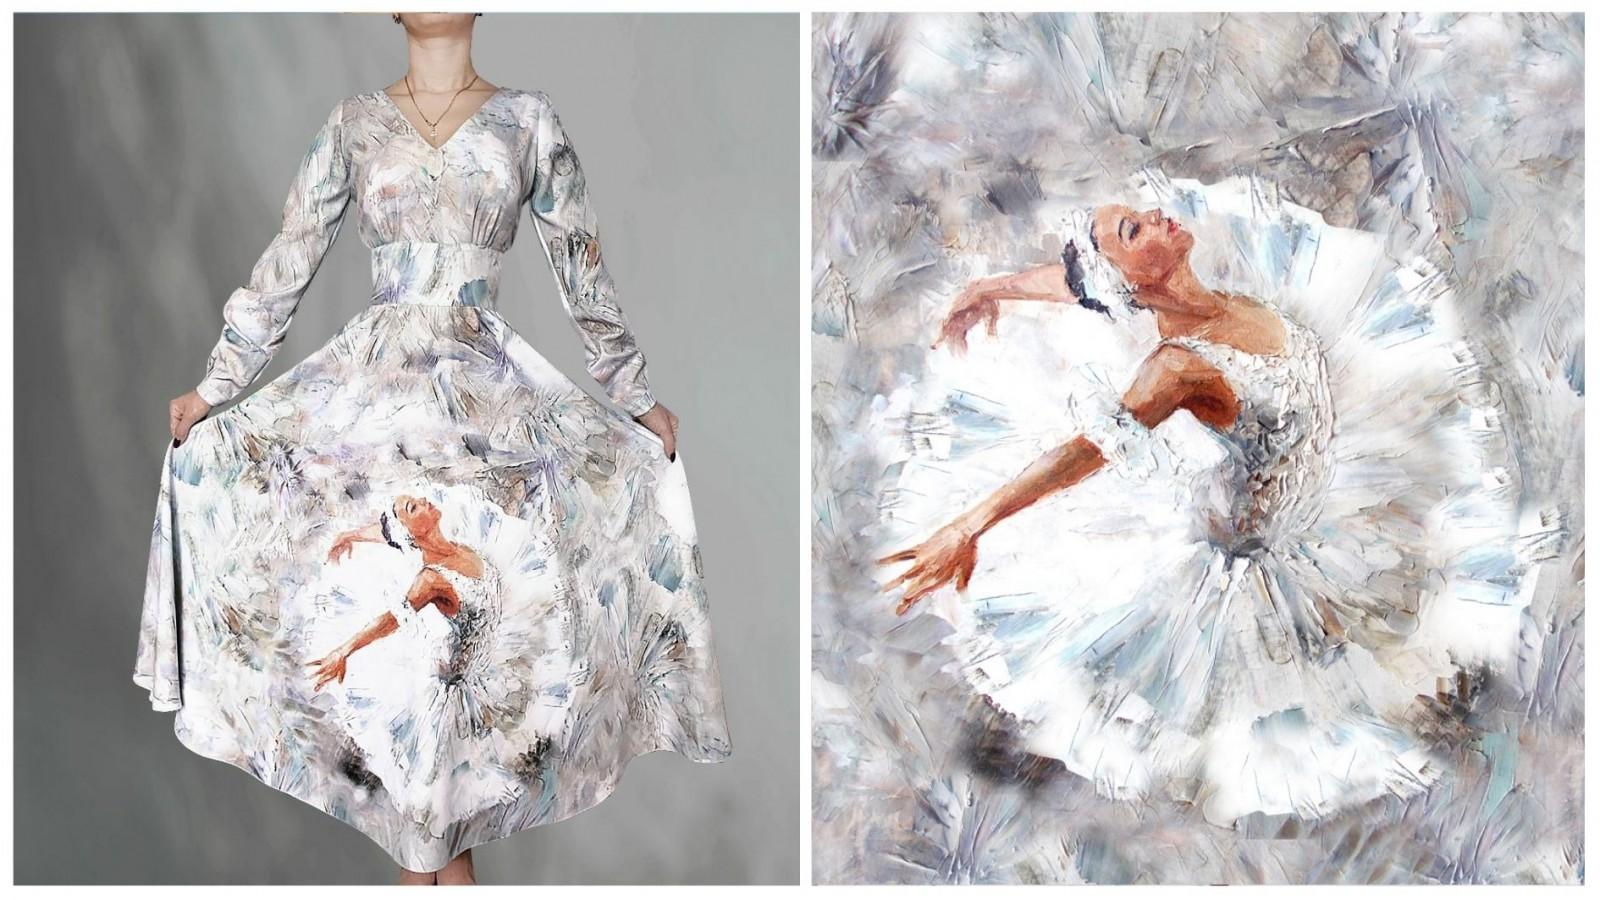 Платье Роза (Ослик), стоимость 7500₽. Стоимость водолазки 1850₽